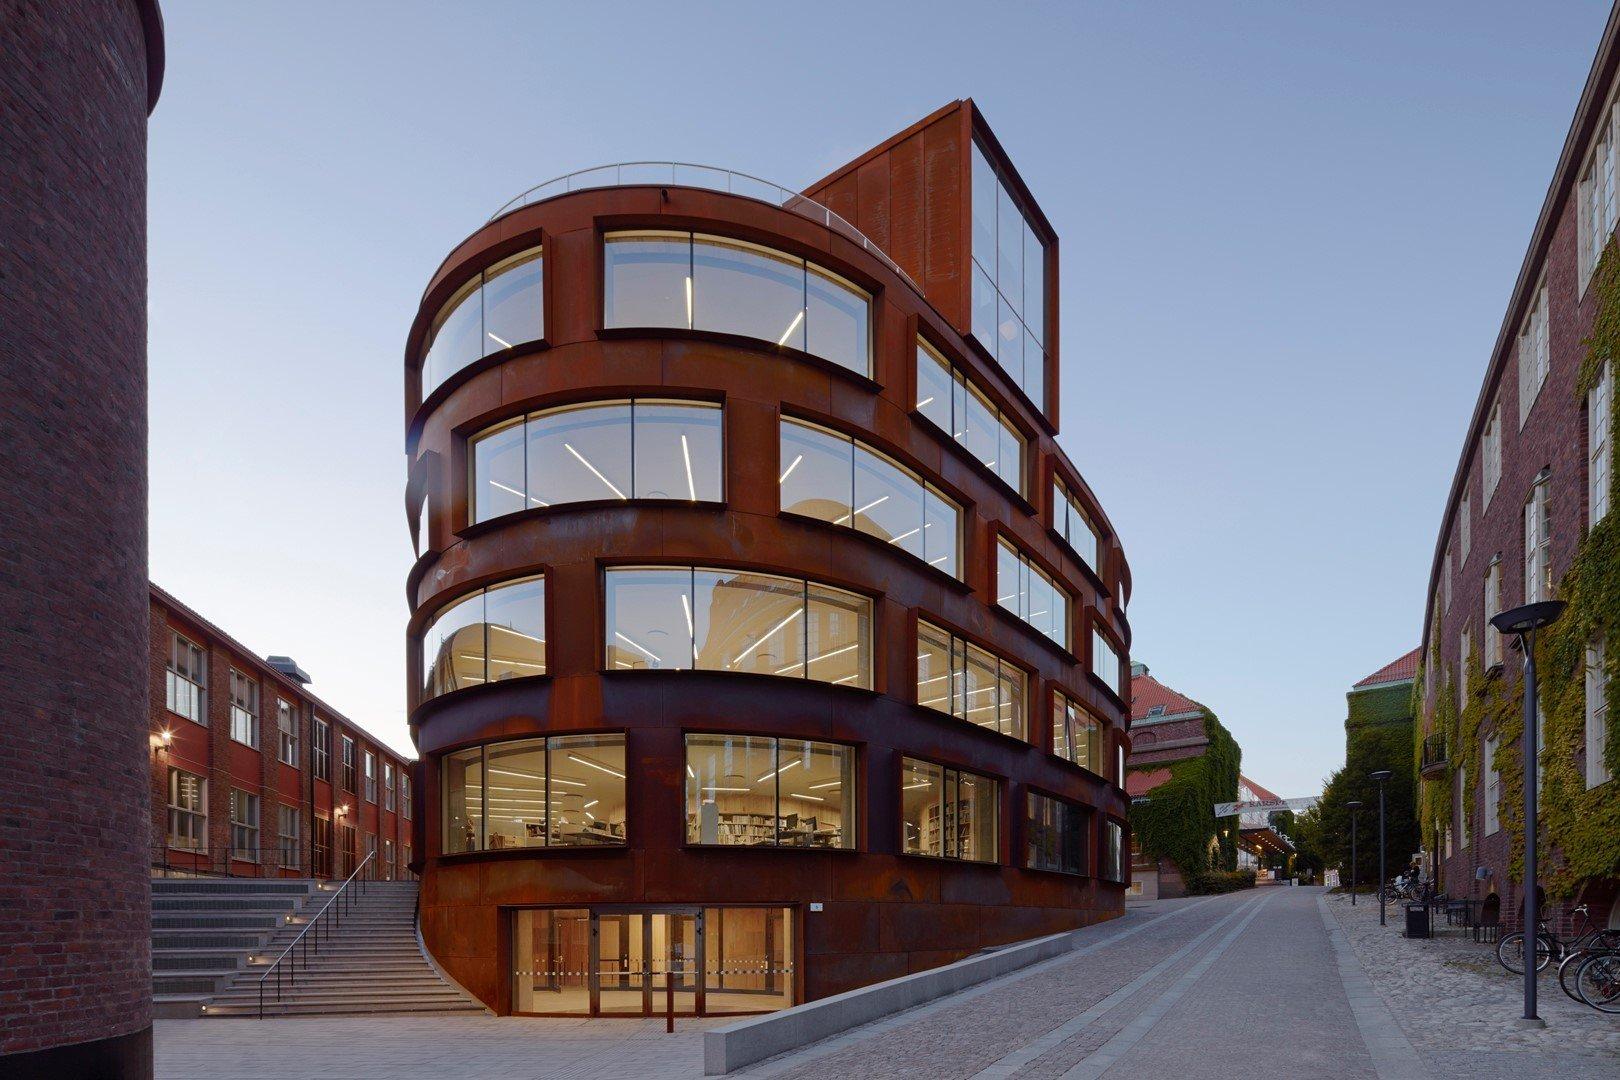 Architekturfakultät der kth stockholm gebäudetechnik kultur